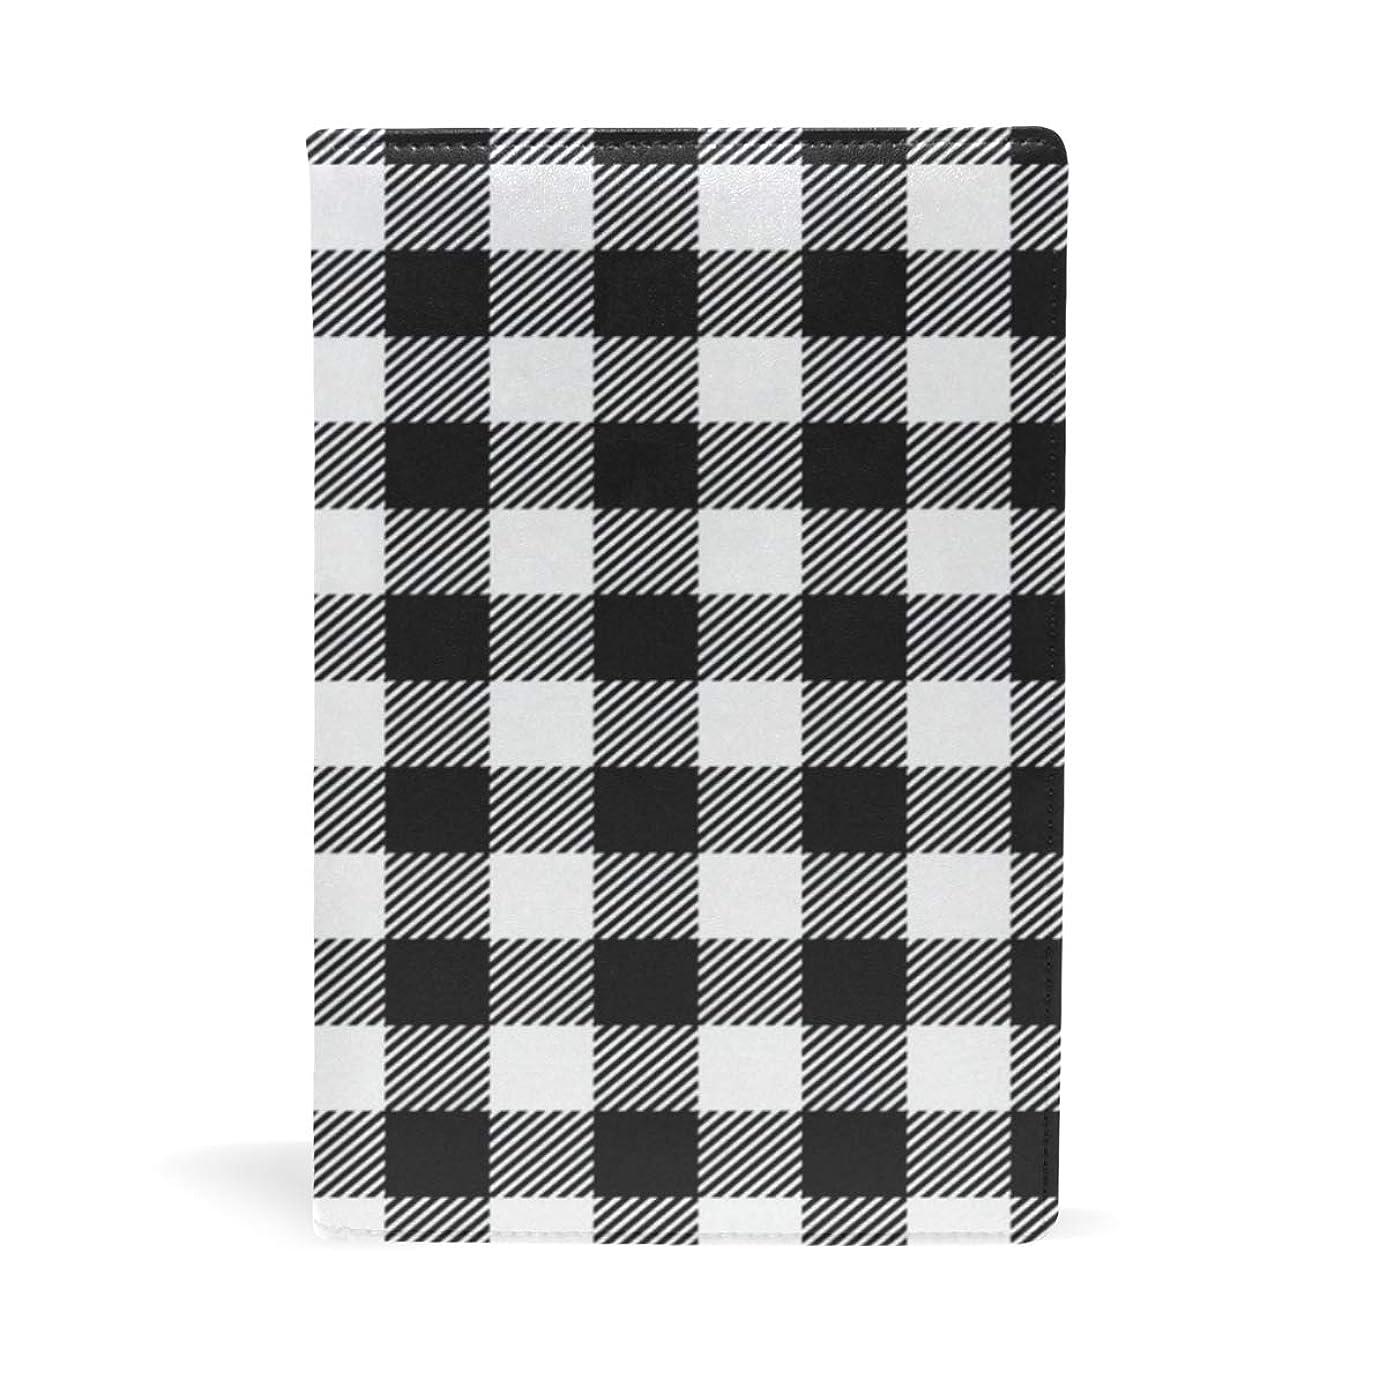 兄ライター抵抗ブックカバー 文庫 a5 皮革 レザー チェック柄 白黒格子縞 個性的 ブラック 文庫本カバー ファイル 資料 収納入れ オフィス用品 読書 雑貨 プレゼント